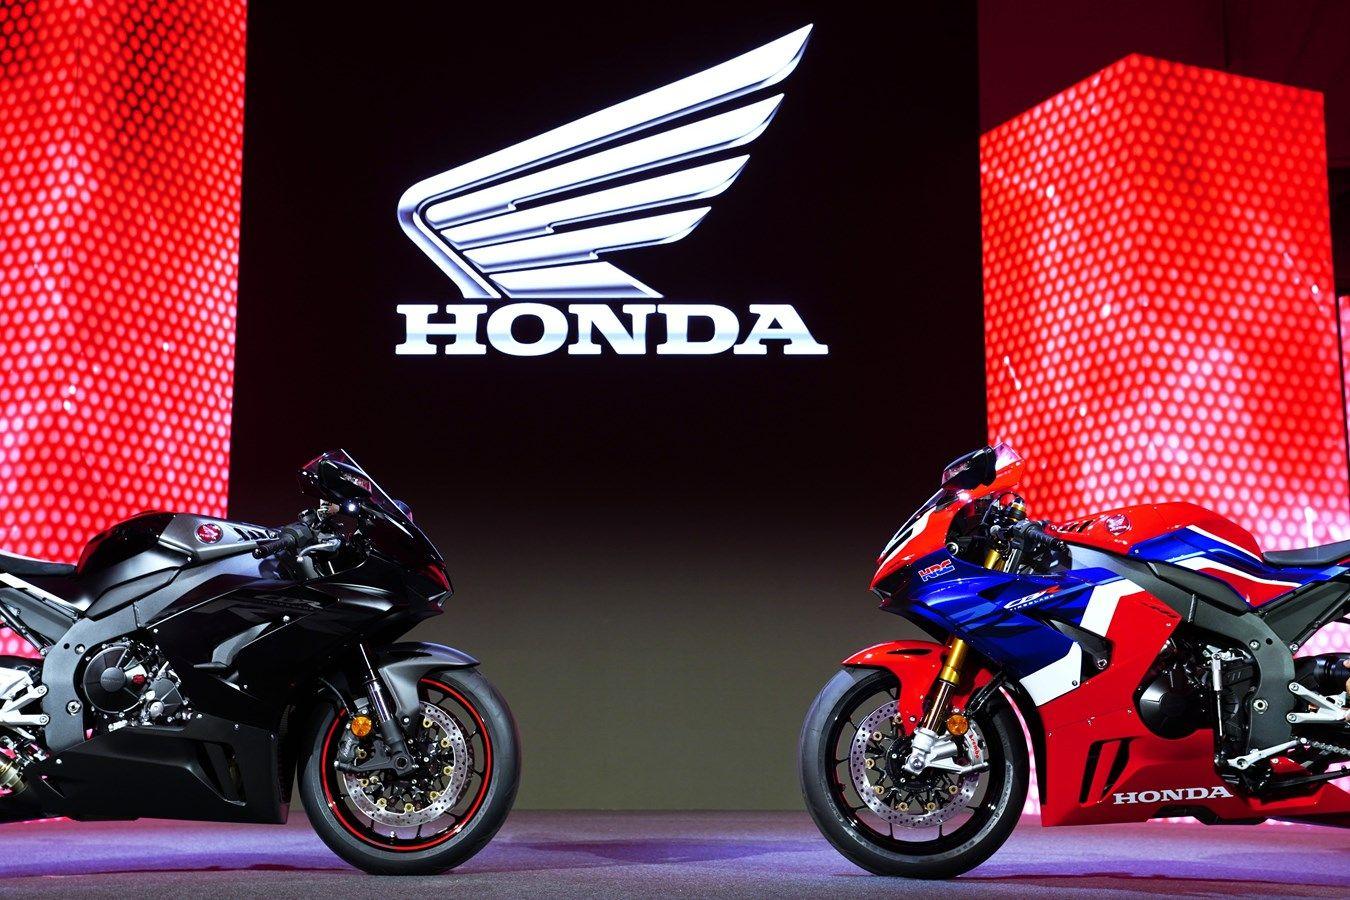 2020 Honda Cbr1000rr R Fireblade In 2020 Honda Honda Bikes Honda Cbr